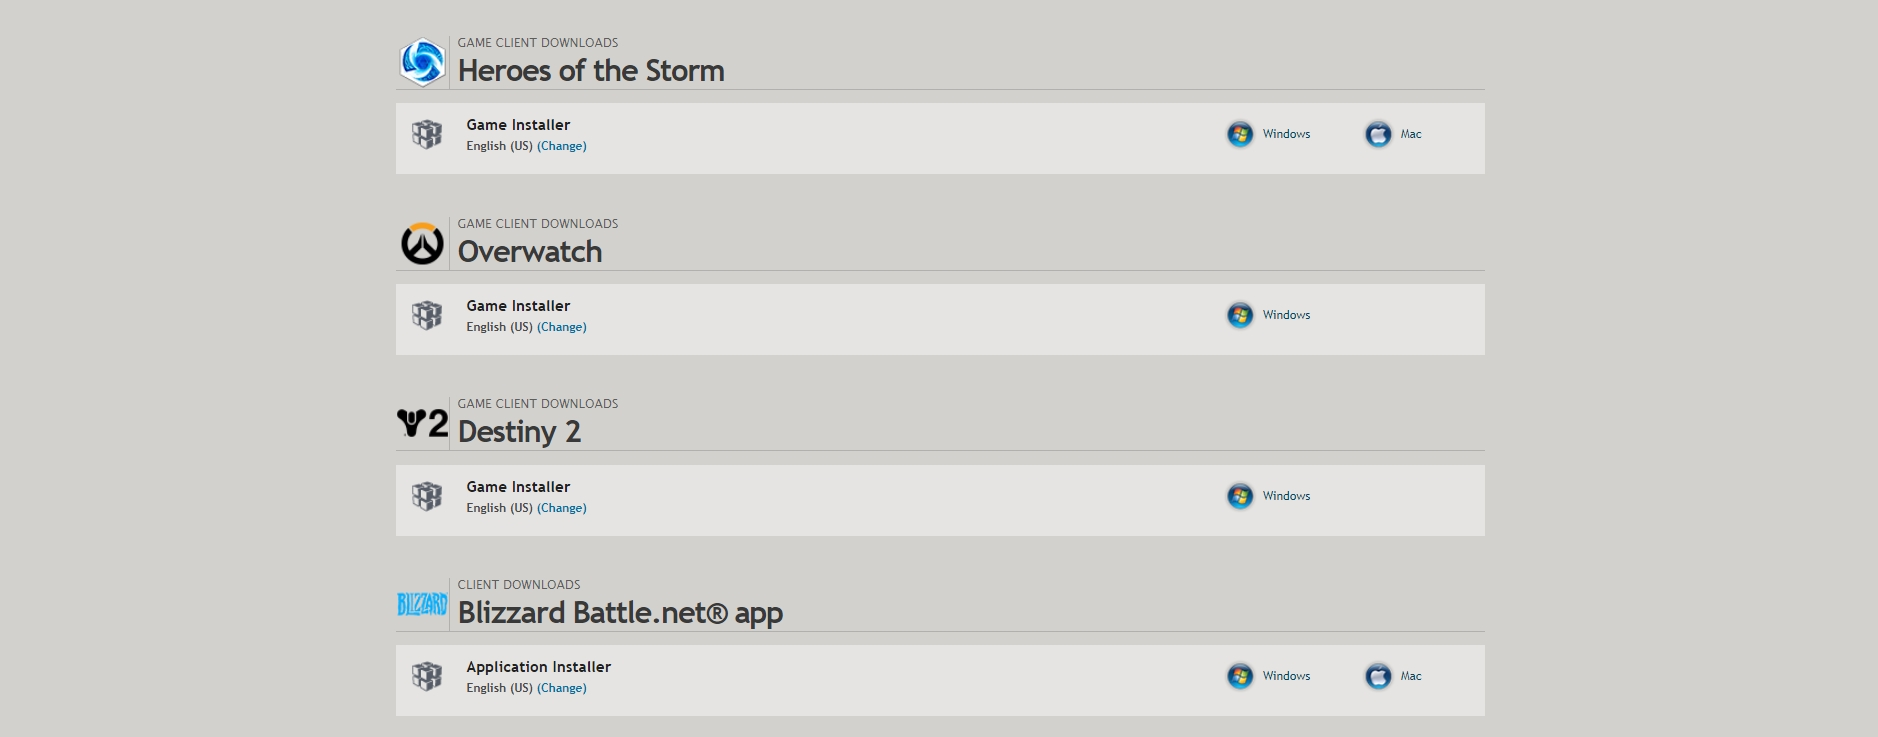 battle net app download windows